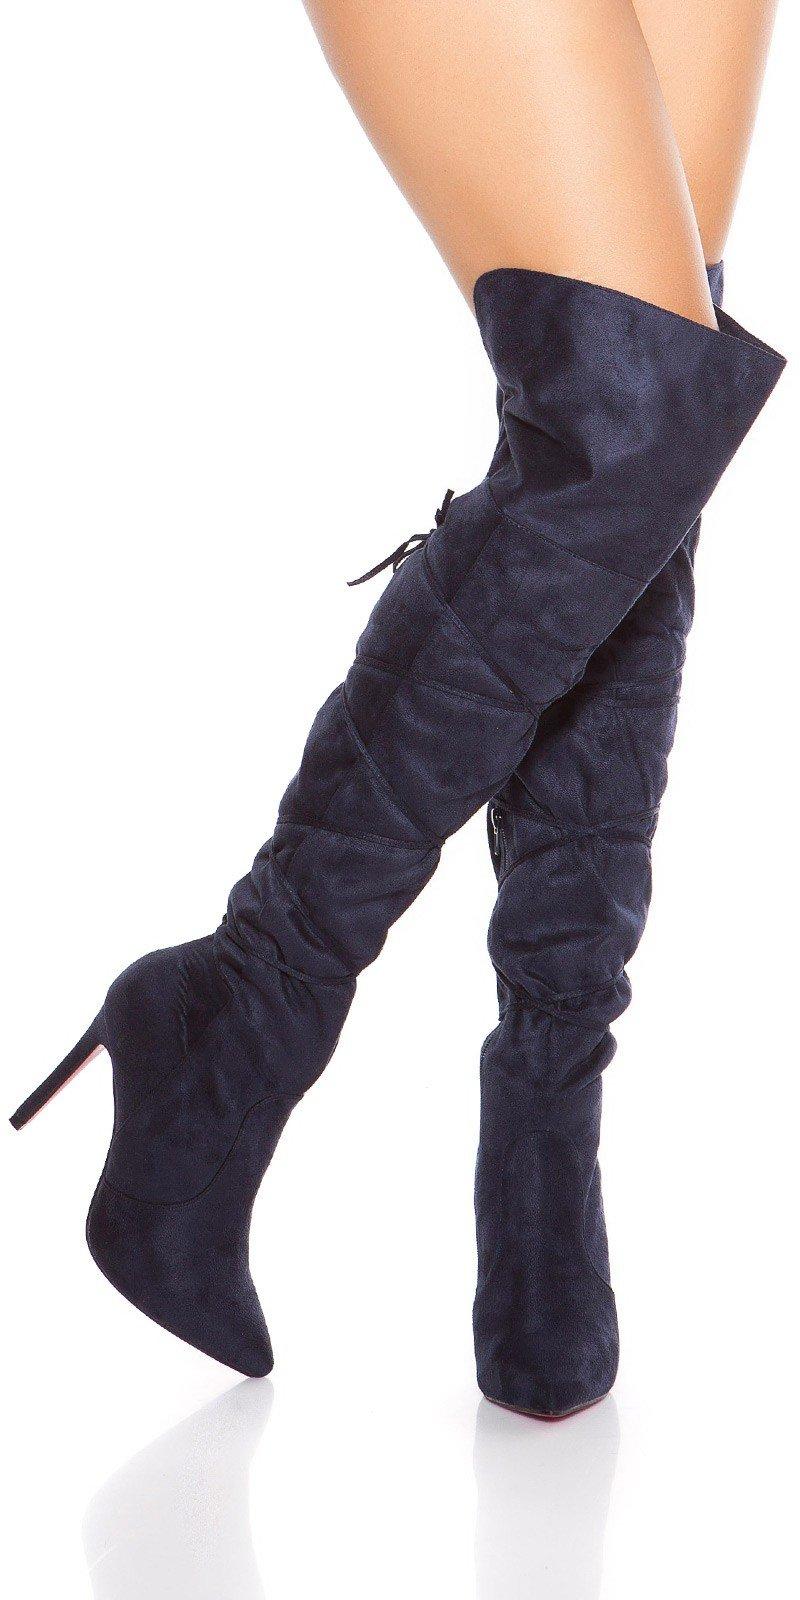 In-Style Dámske semišové čižmy - Vysoké nad kolená so šnúrkami ... cf5582e9387